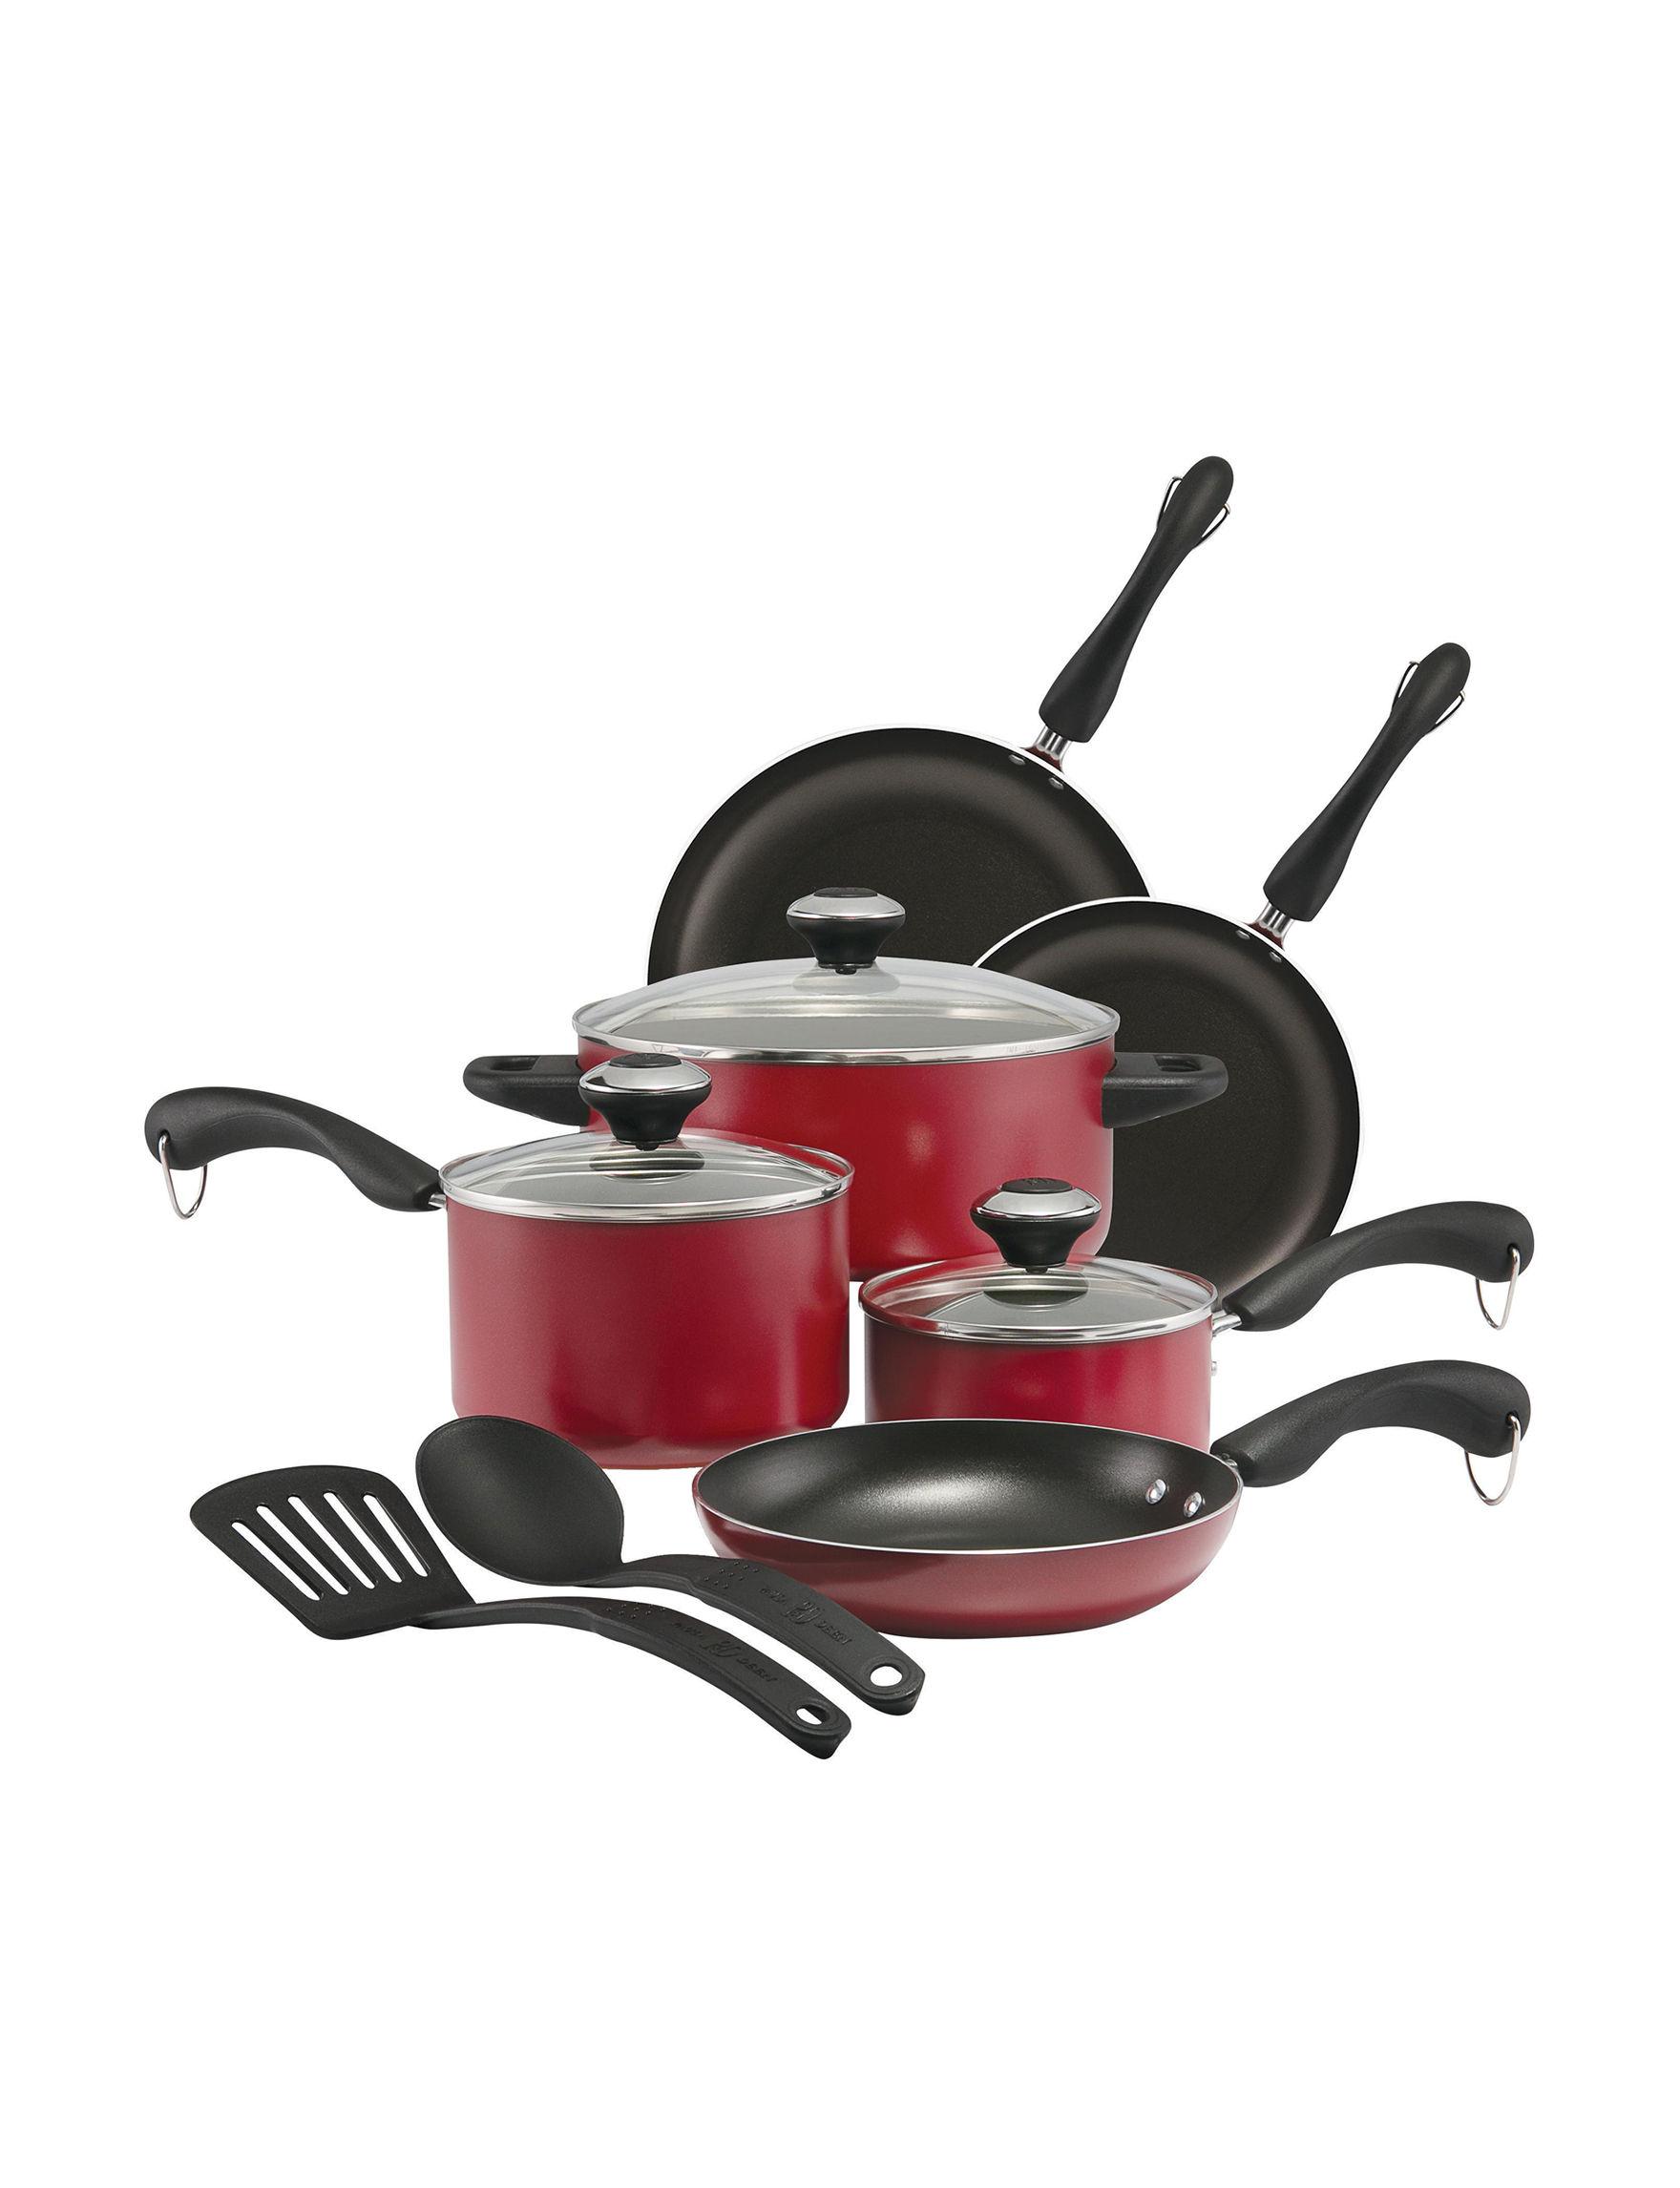 Paula Deen Red / Black Cookware Sets Frying Pans & Skillets Cookware